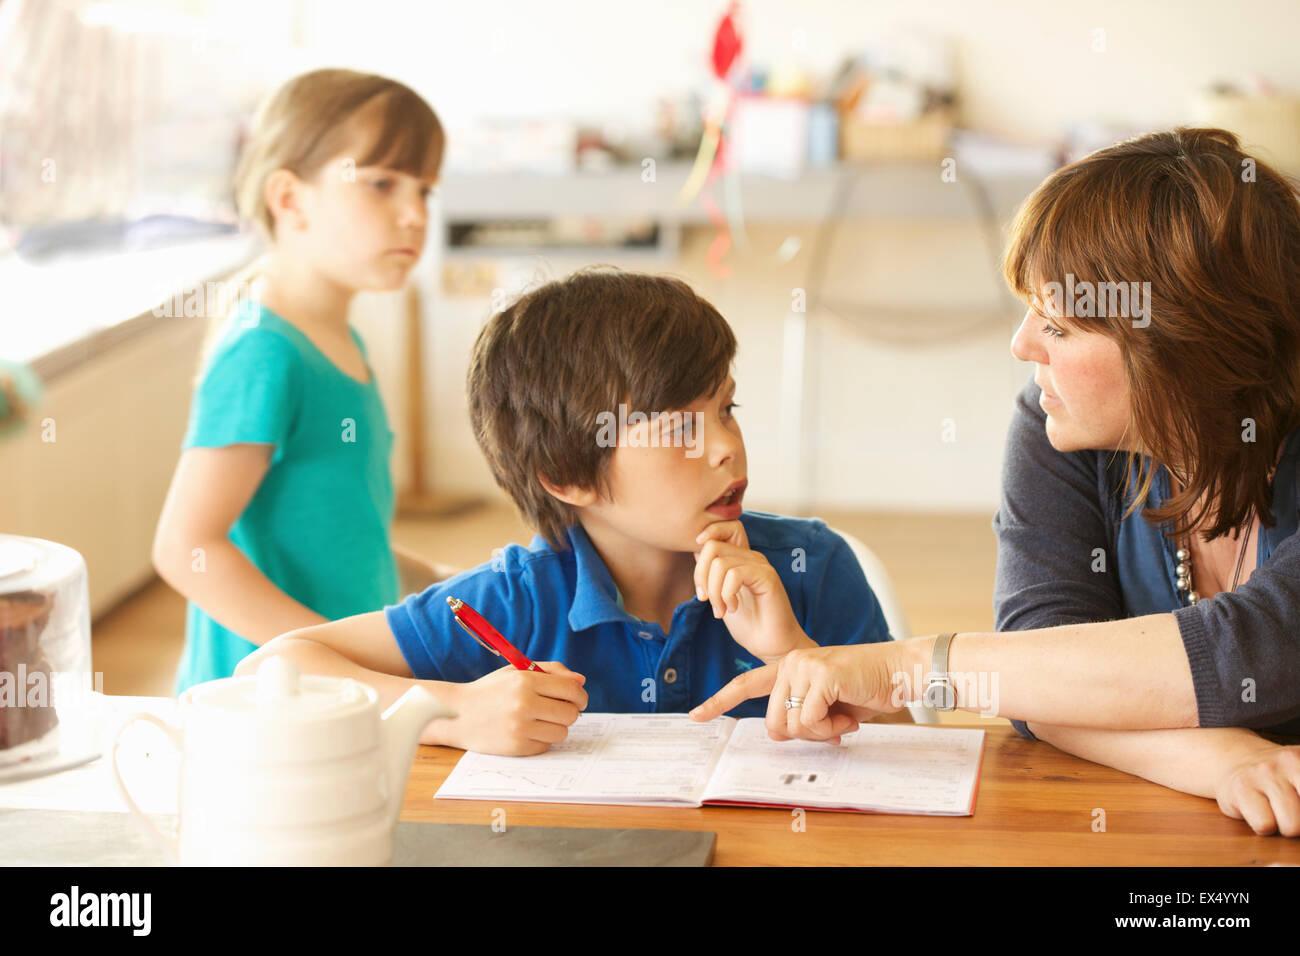 Madre e hijo haciendo los deberes en la Mesa de la cocina, hija en segundo plano. Foto de stock